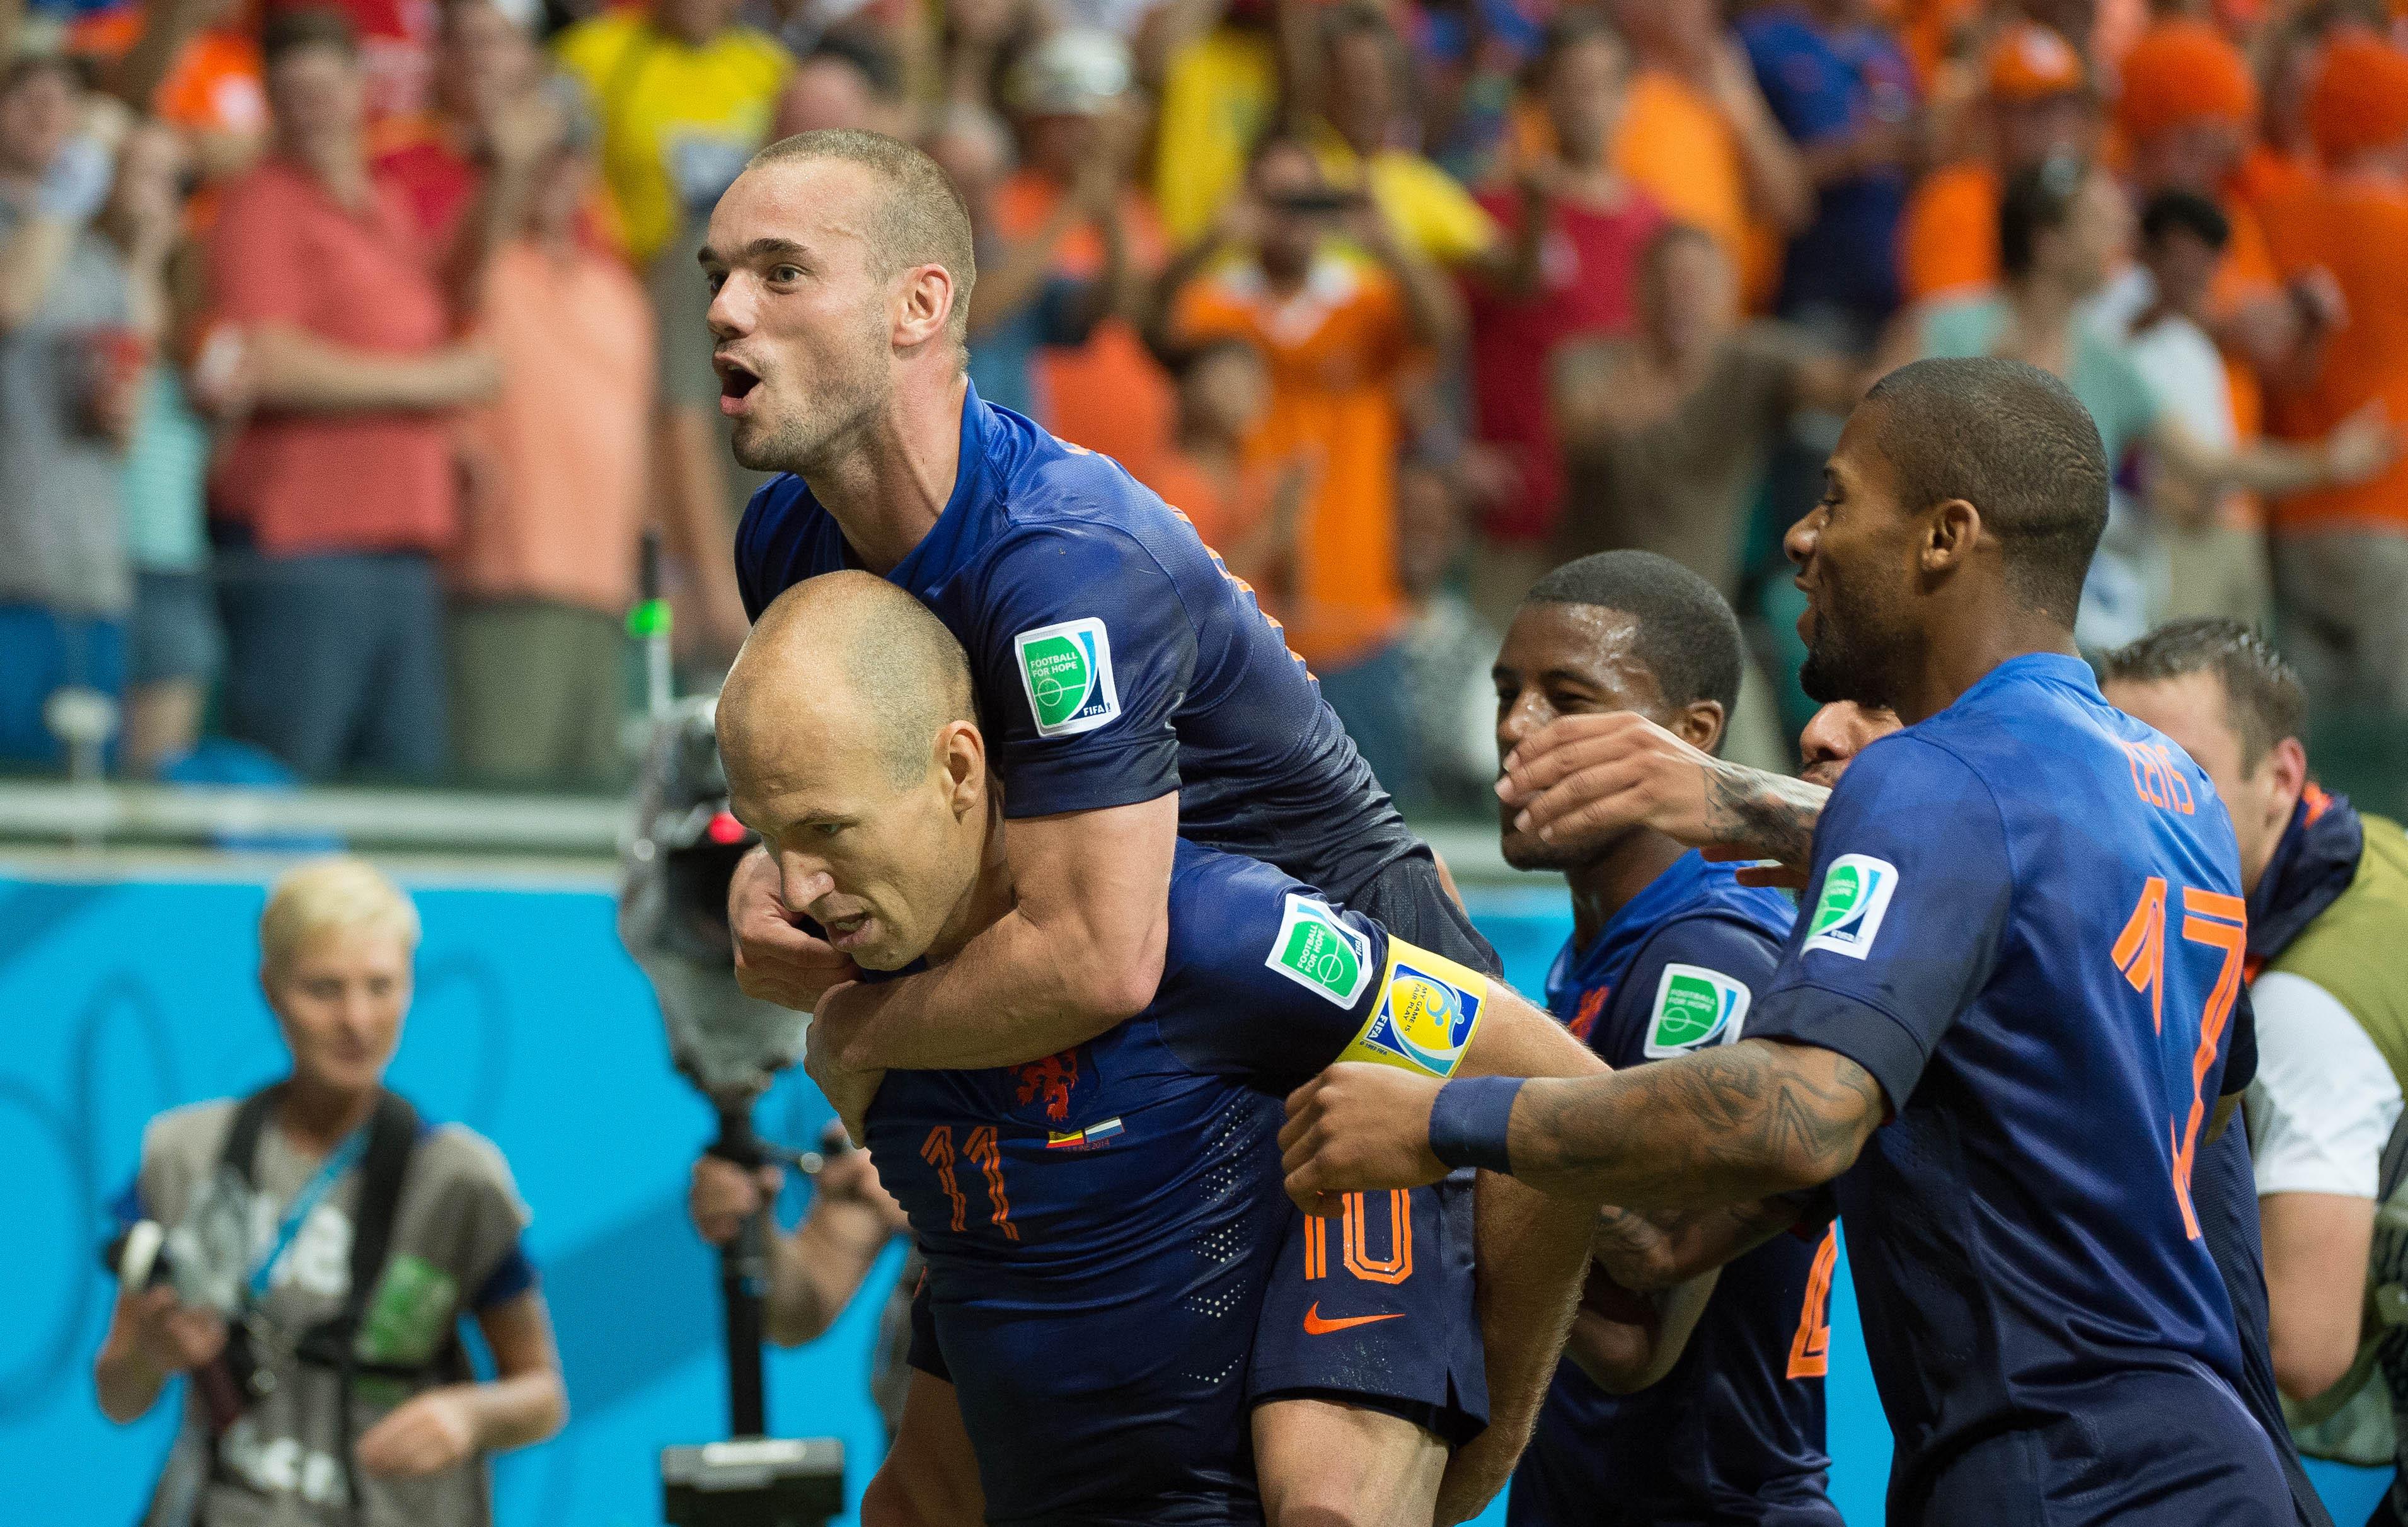 Les pays bas un favori cr dible 2014 br sil coupe du monde football - Jeux de football coupe du monde 2014 ...